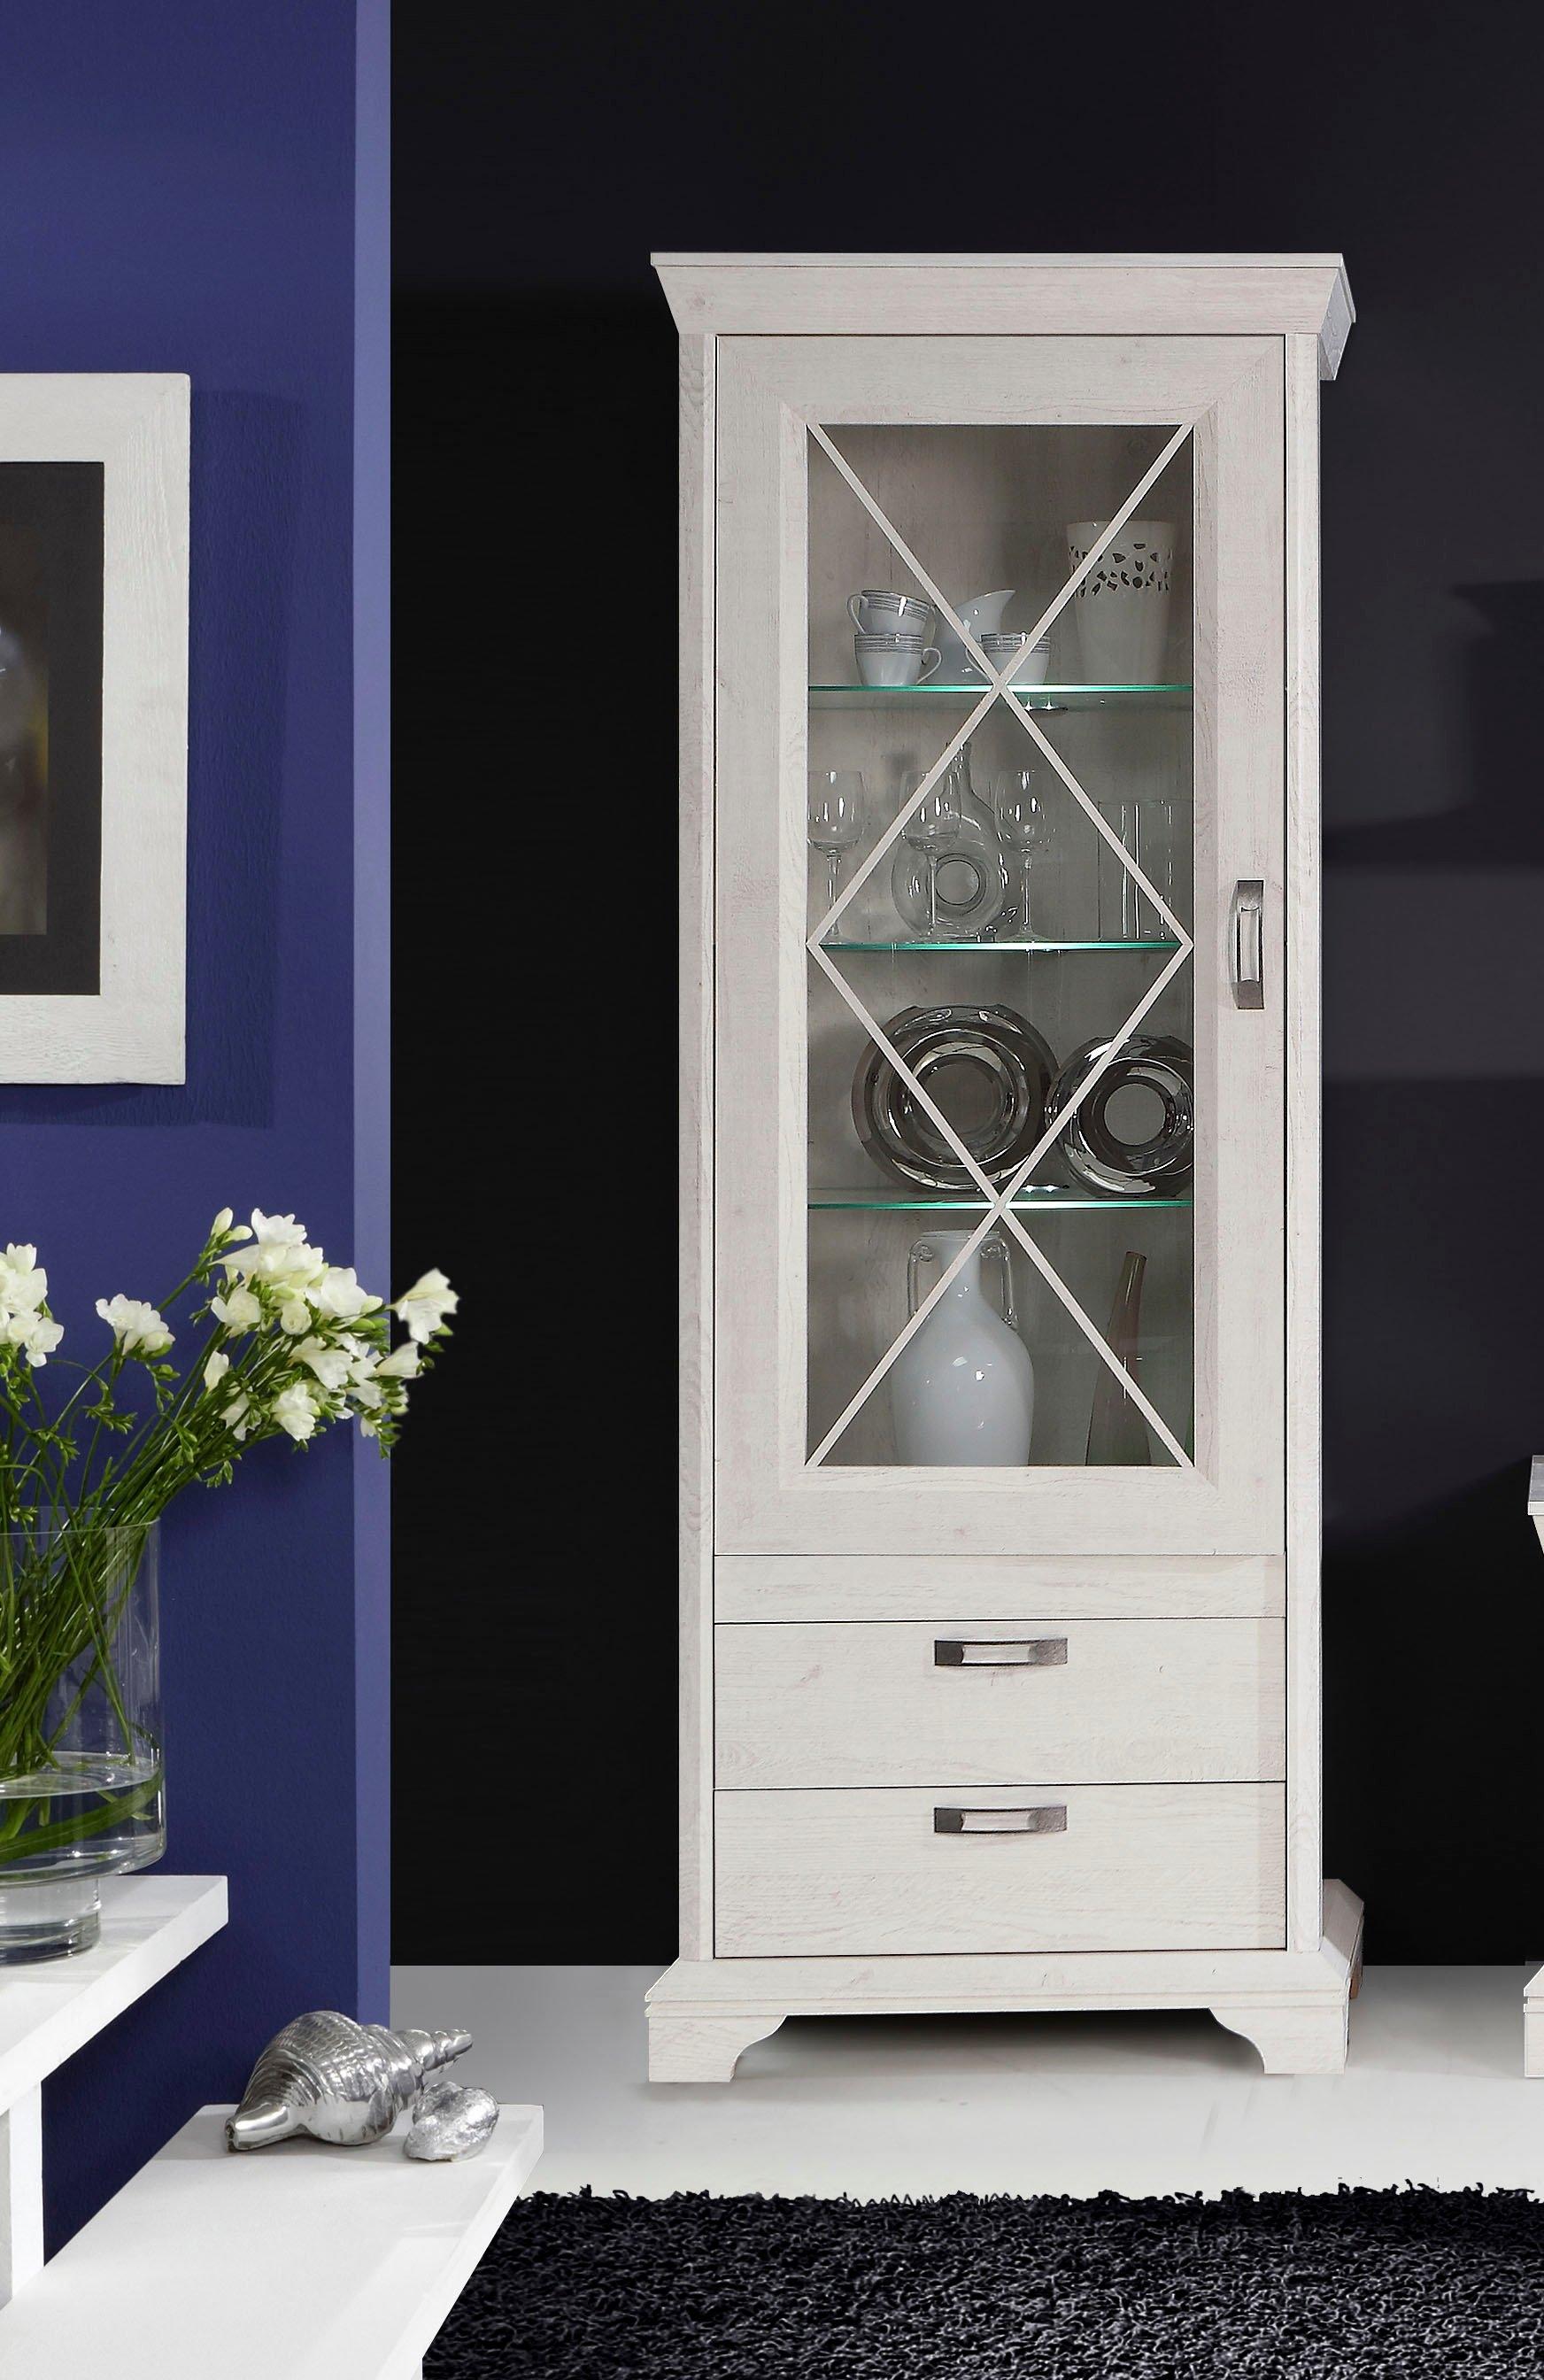 FORTE vitrinekast Breedte 78 cm, inclusief ledverlichting nu online kopen bij OTTO